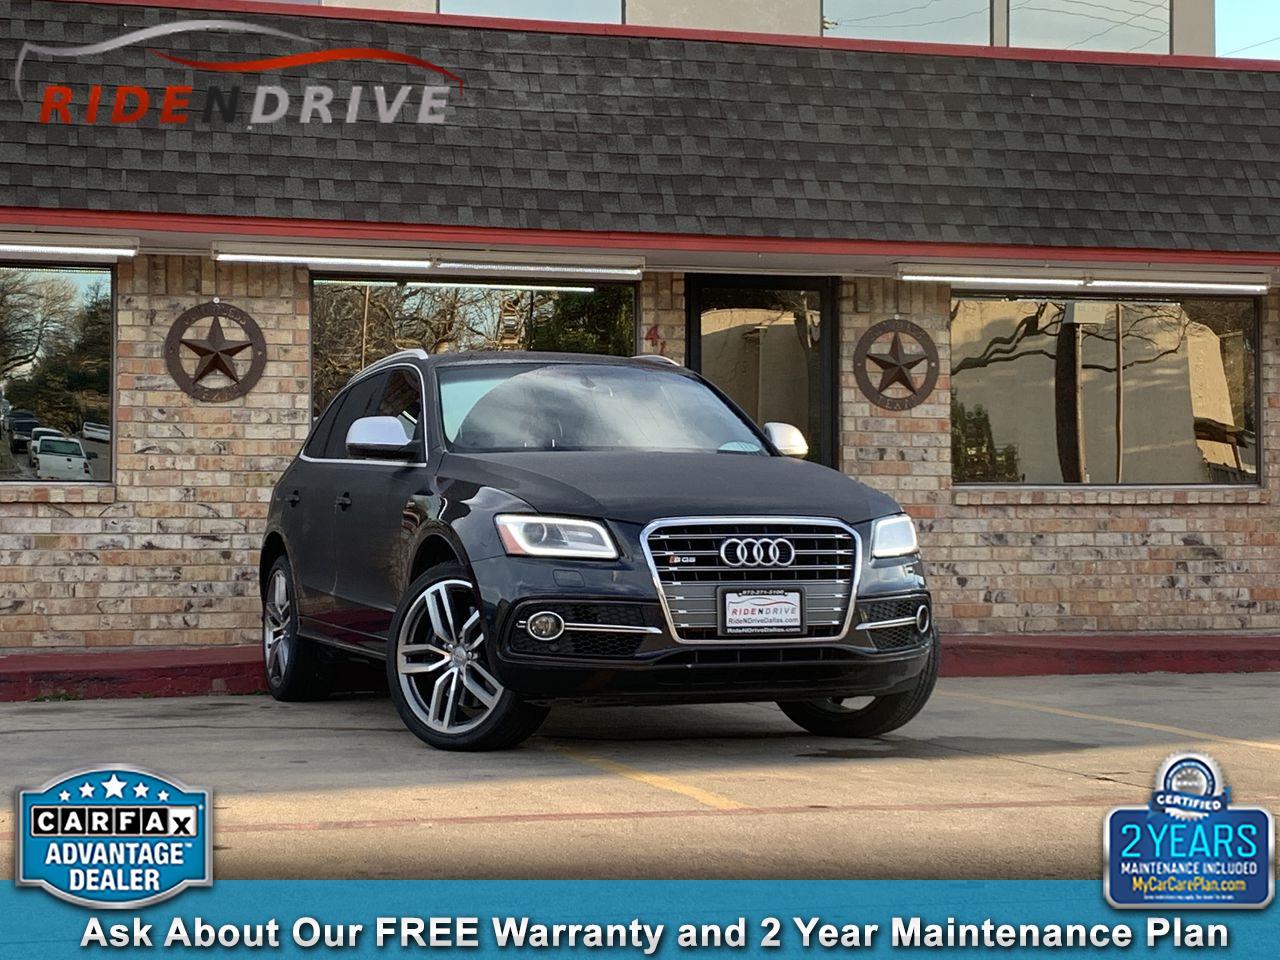 2014 Audi SQ5 quattro 4dr 3.0T Premium Plus